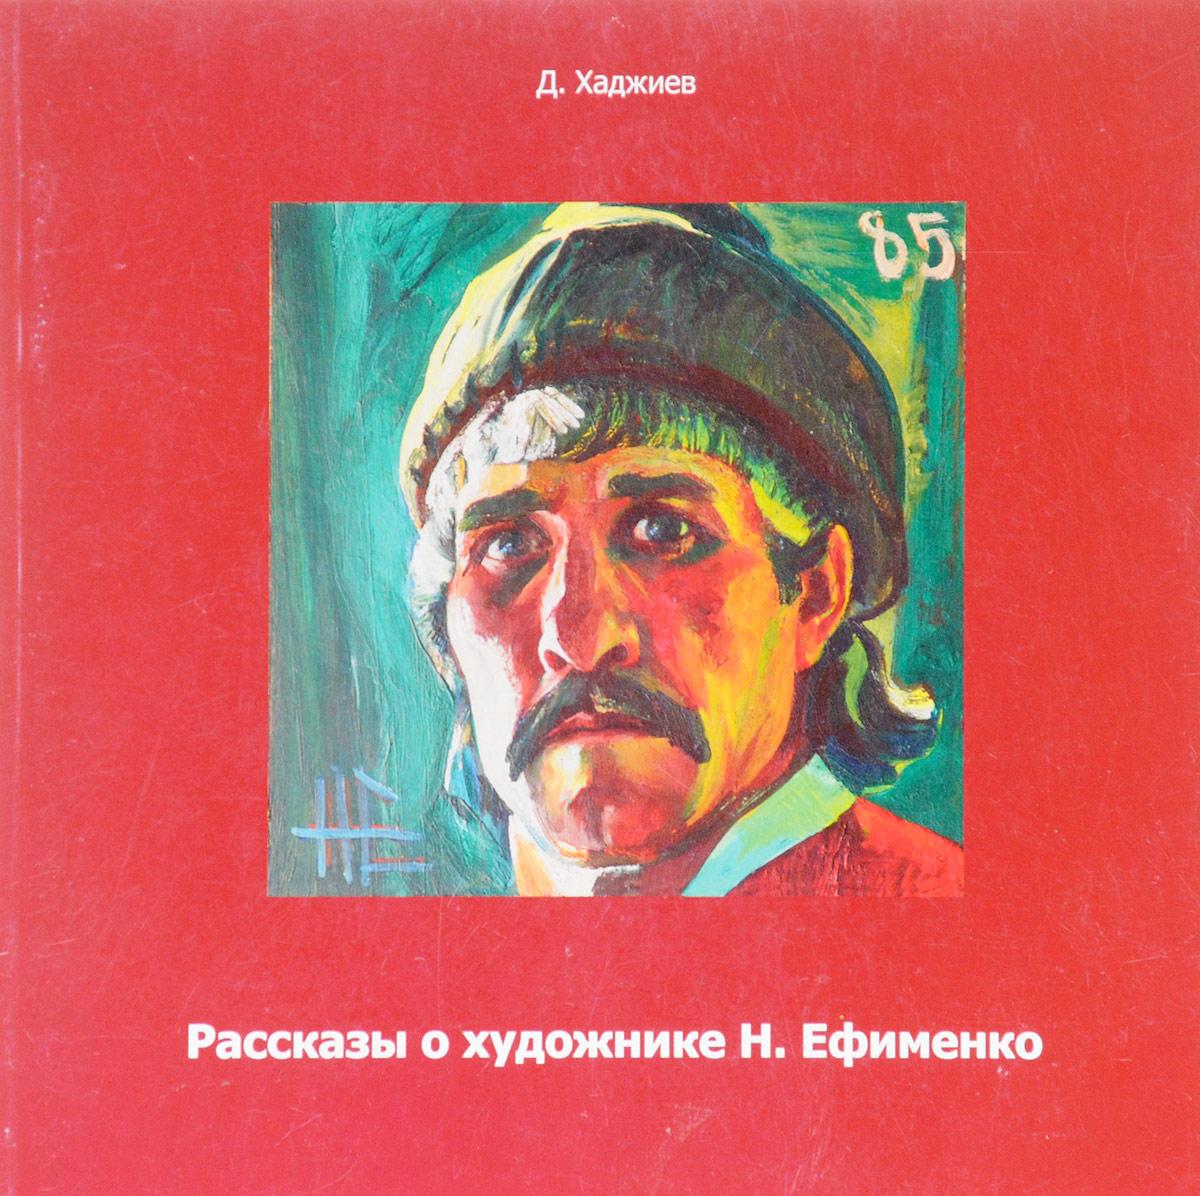 Д. Хаджиев Рассказы о художнике Н. Ефименко